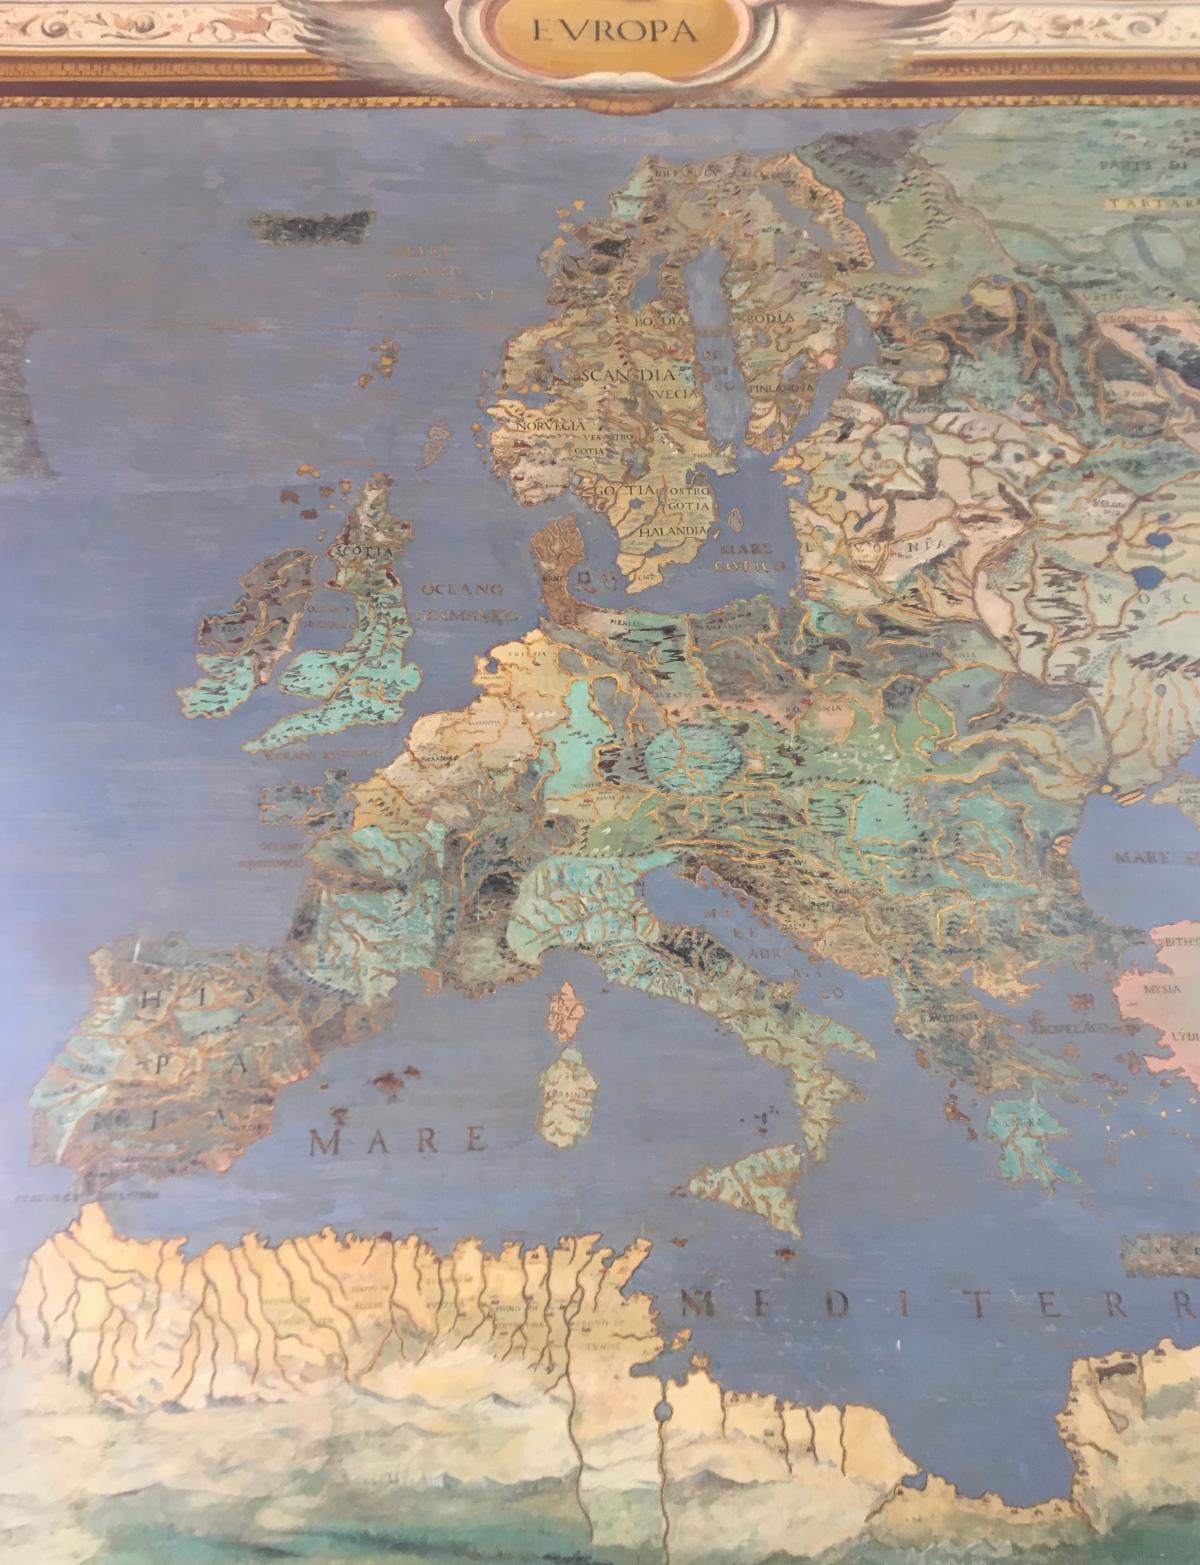 L'équilibre périlleux du fossoyeur, entre critique du national-libéralisme et exaltation d'un libéral-européisme, Emmanuel Macron parle d'Europe à la TV italienne par BénédicteMonville